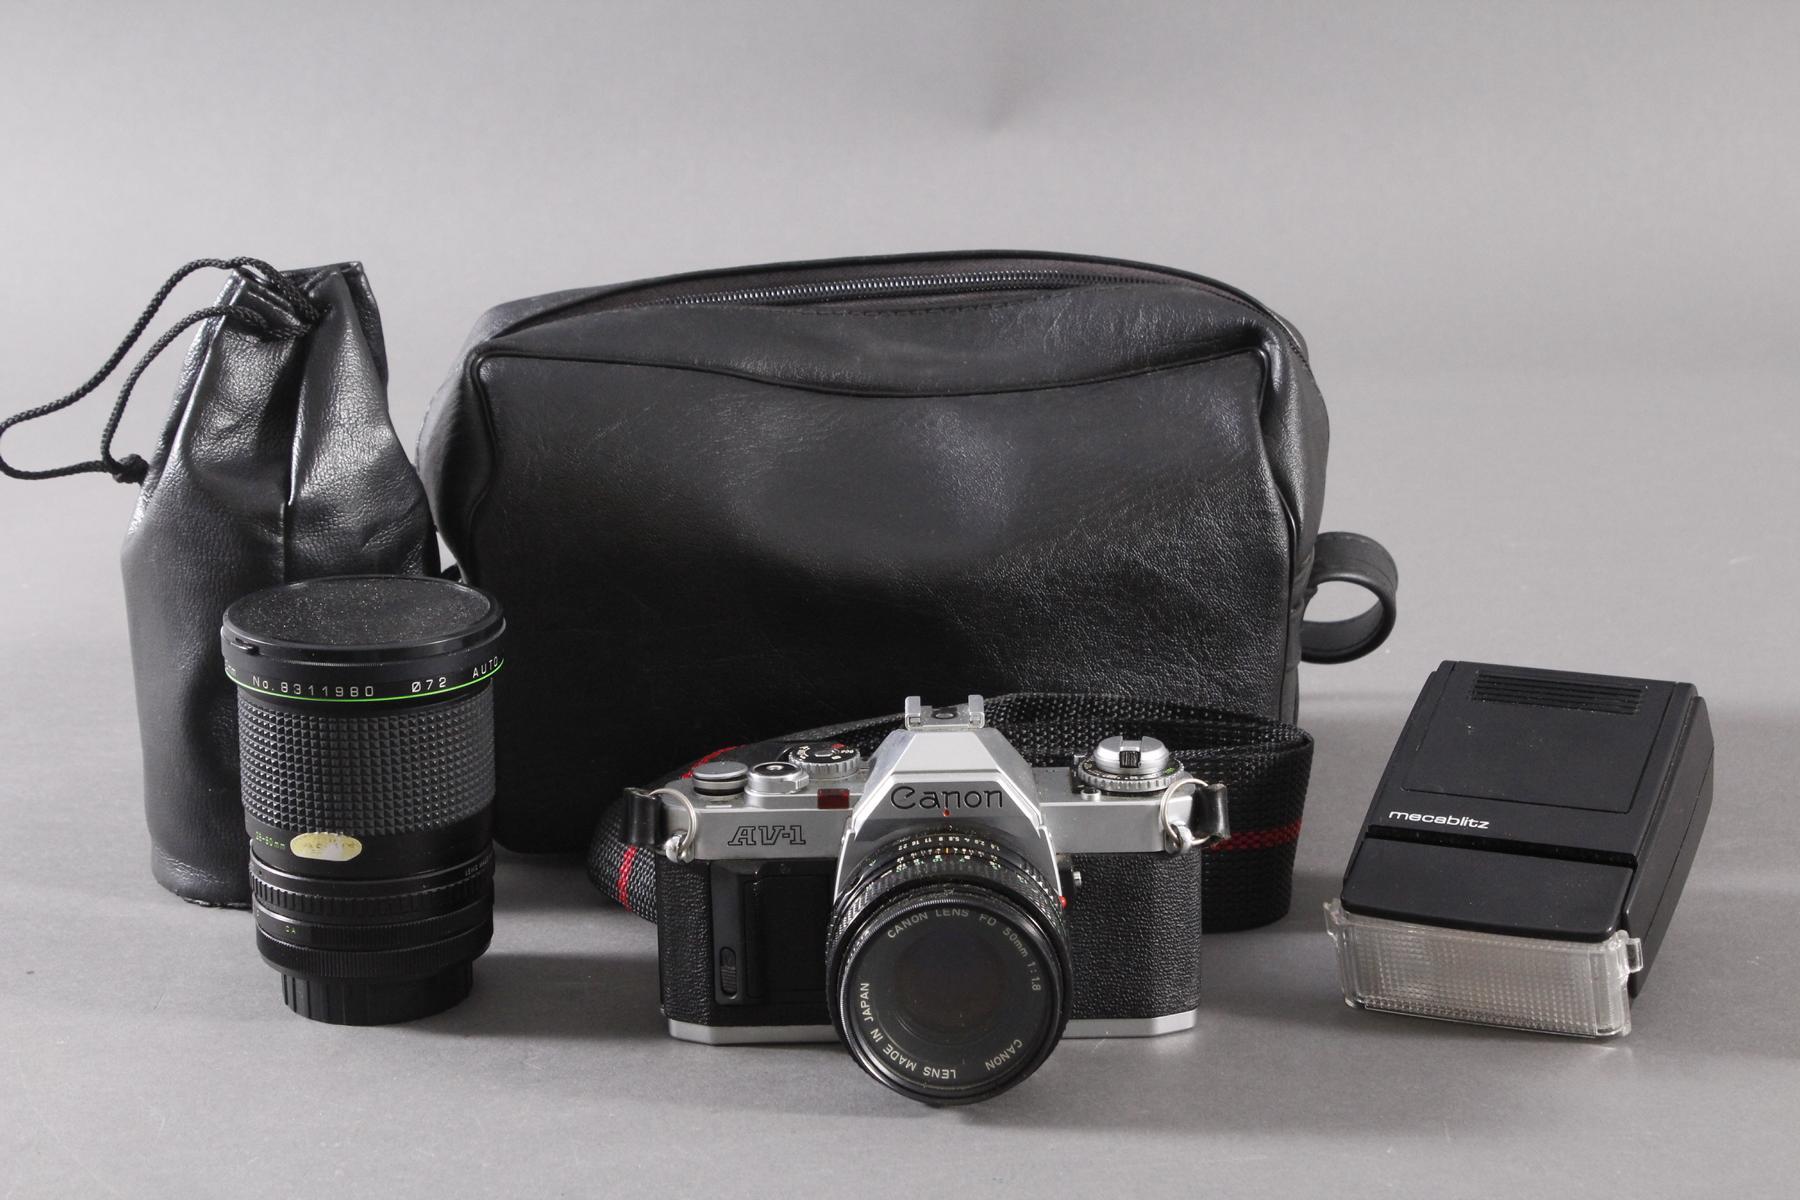 Canon AV 1 mit 2 Objektiven, Zustazblitz und Tasche